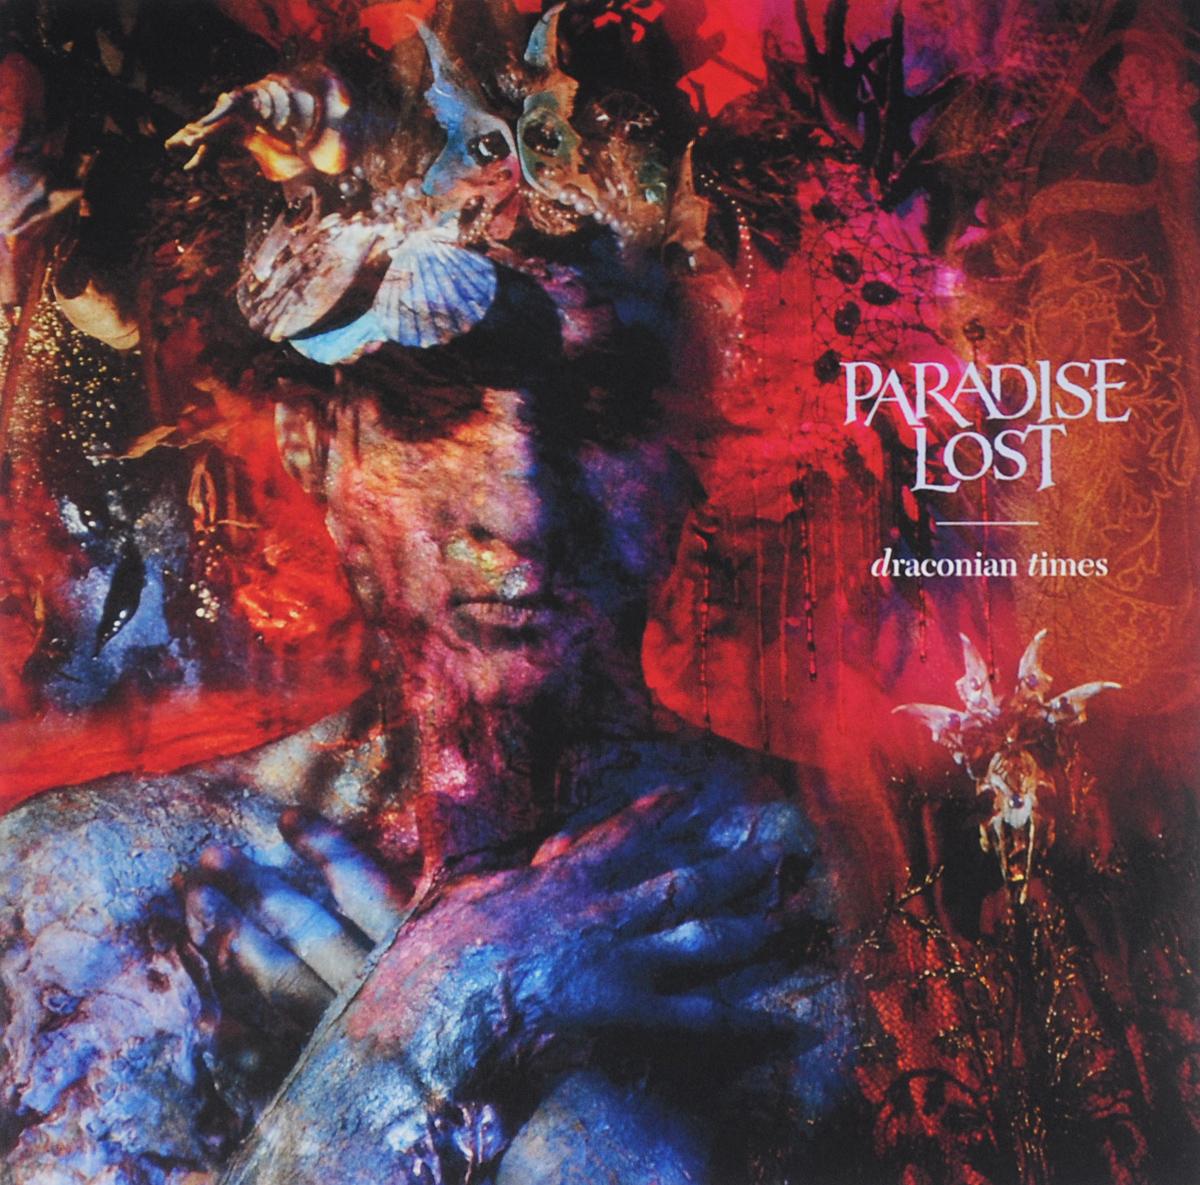 Издание содержит 20-страничный буклет с иллюстрациями и текстами песен на английском языке.